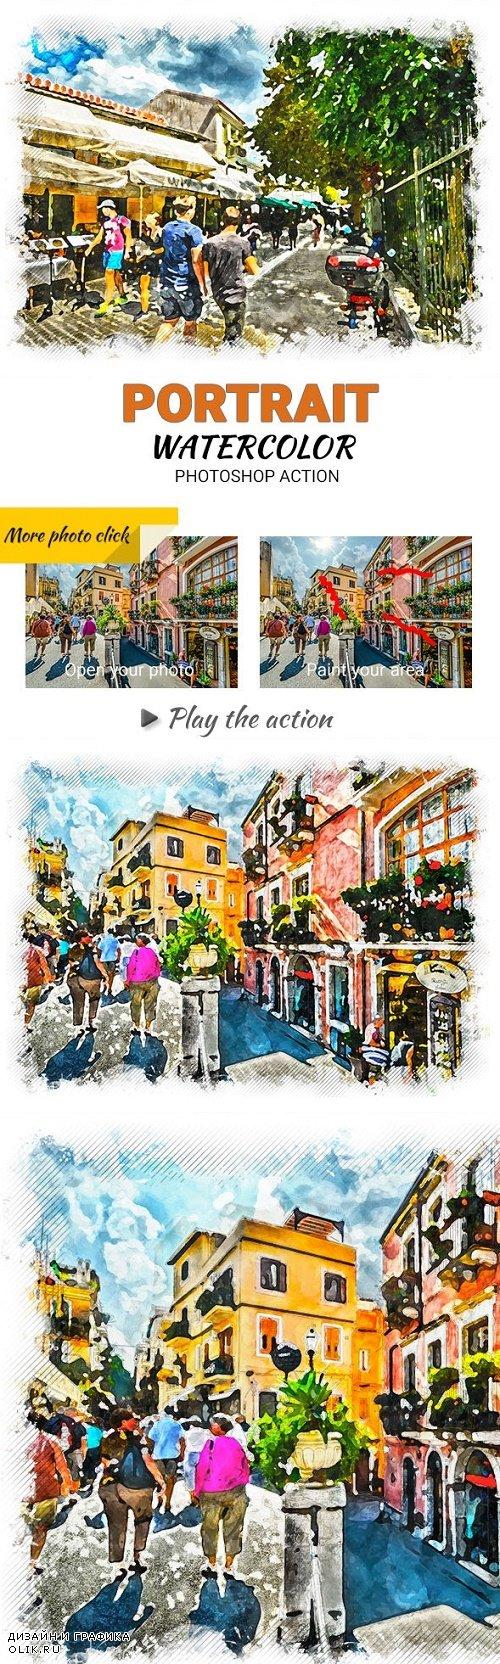 Portrait Watercolor Photoshop Action 23650966